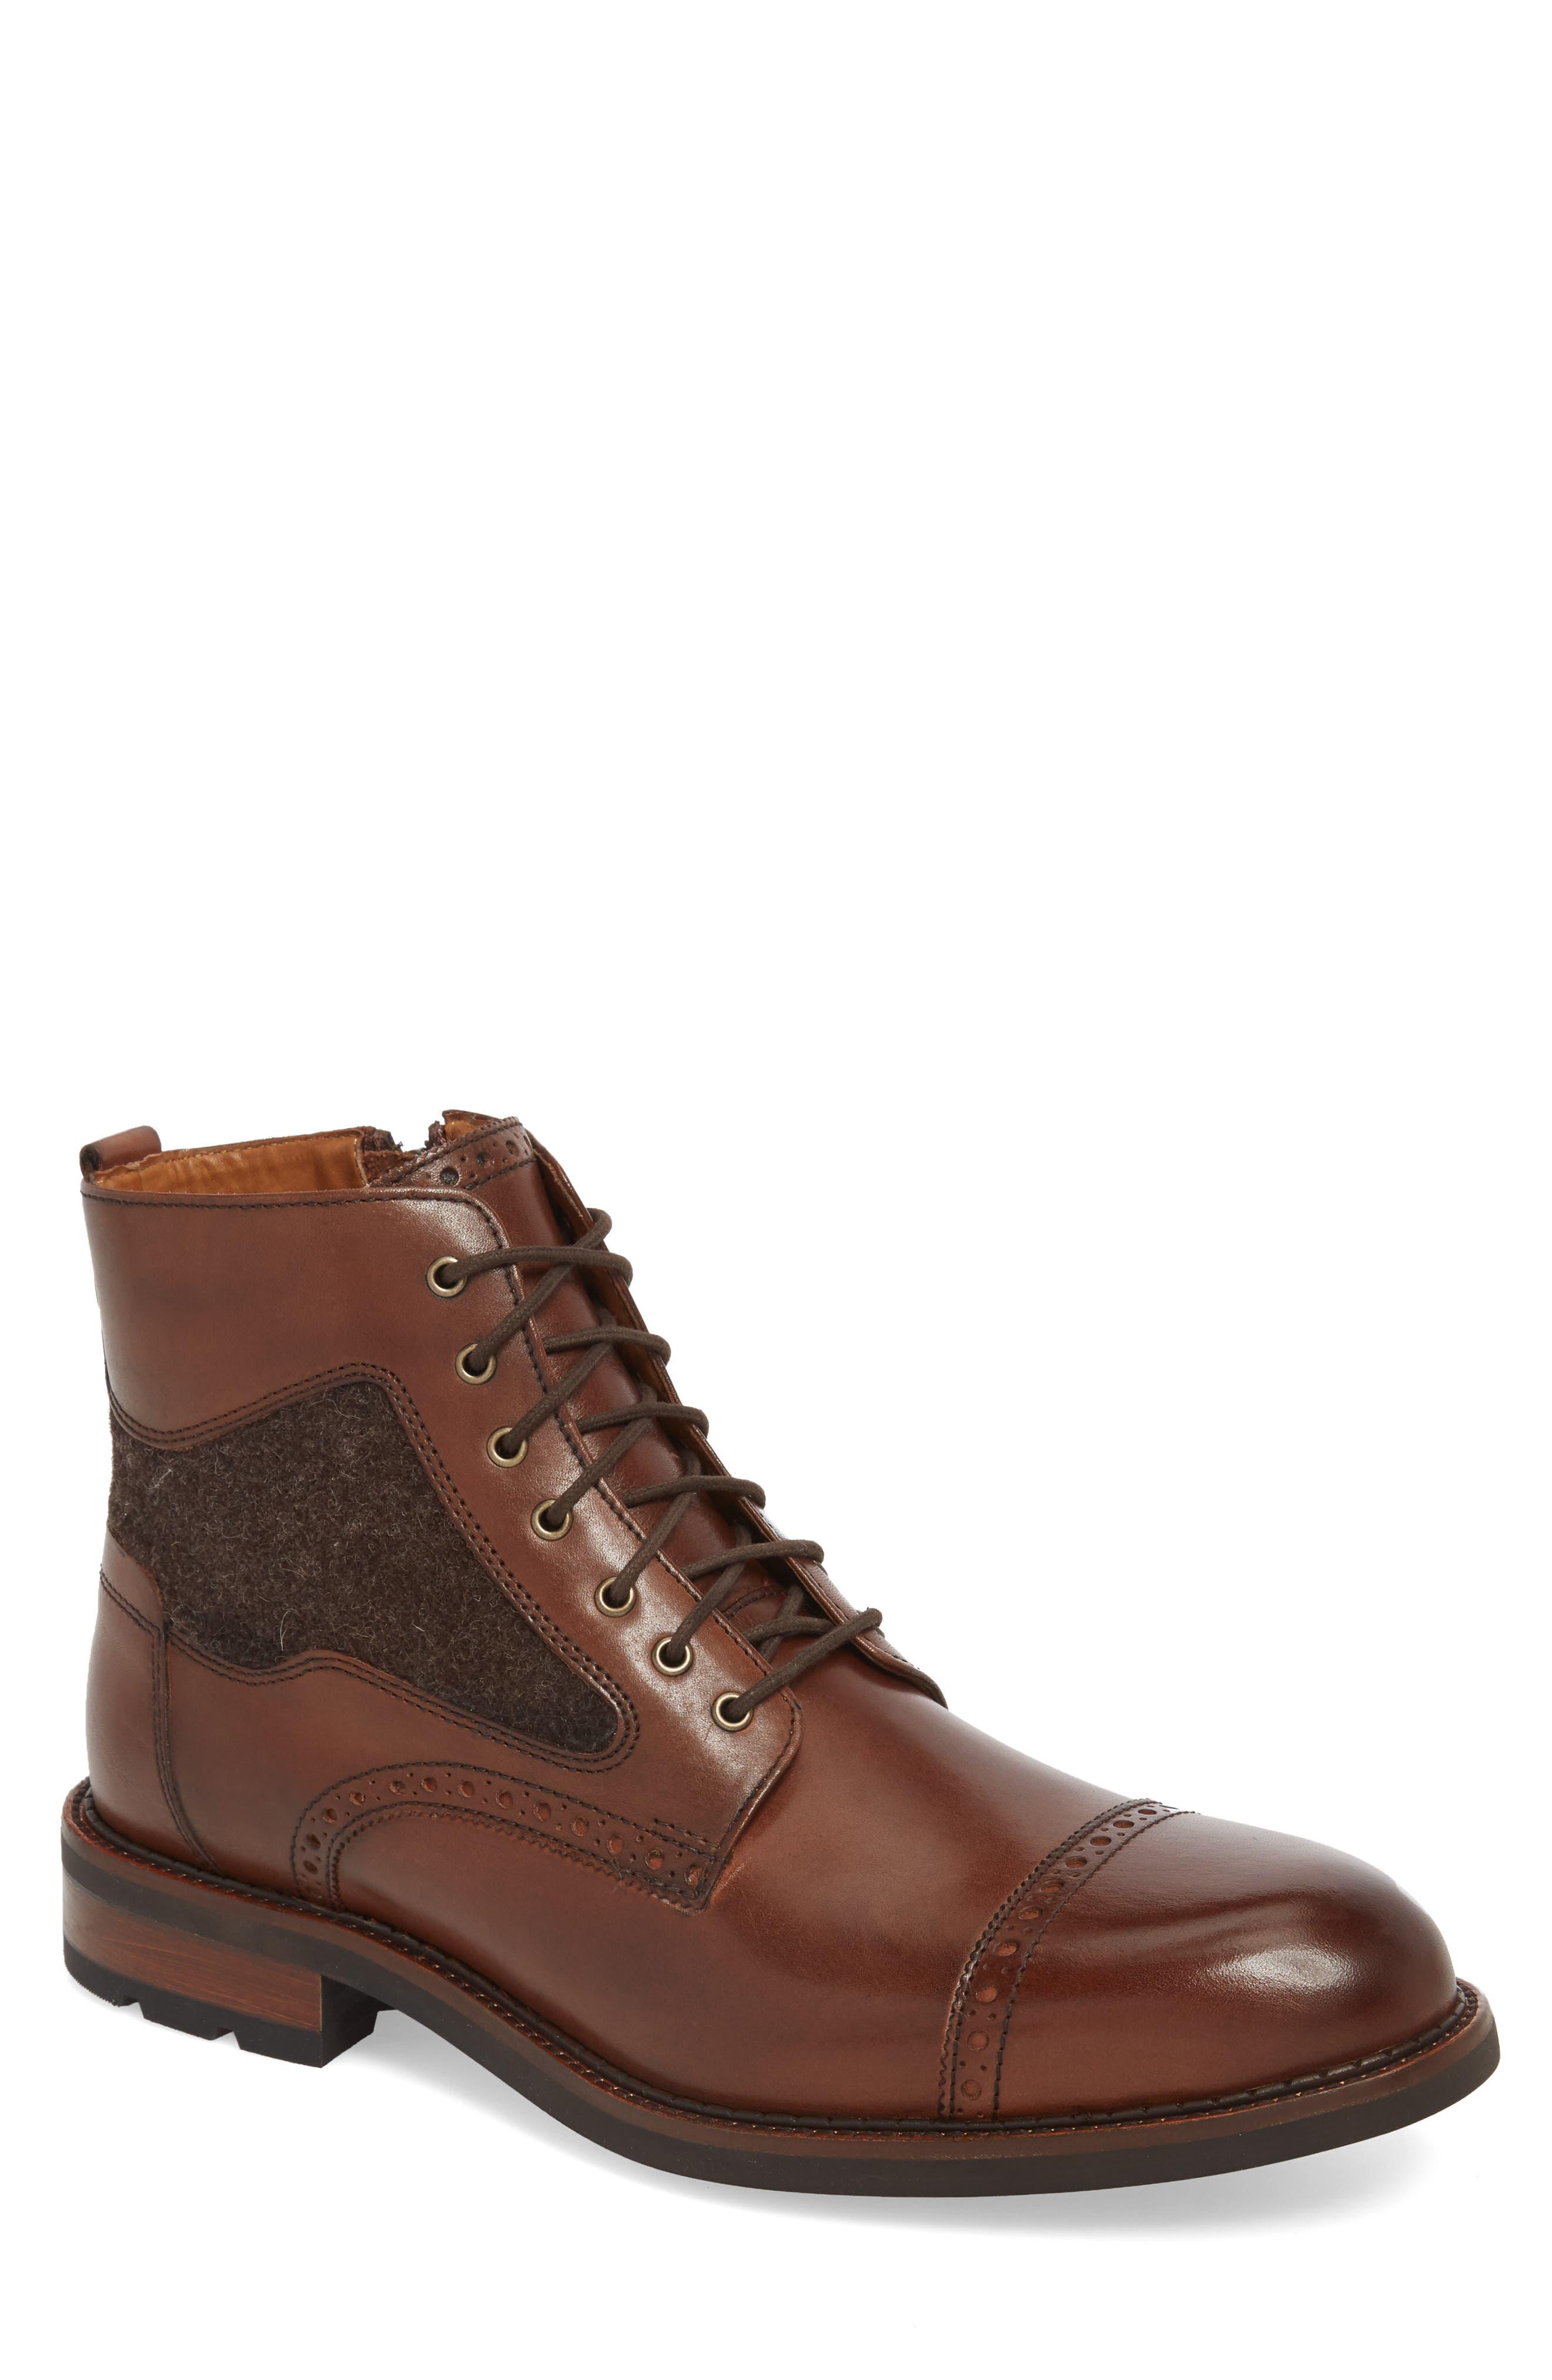 J & m 1850 Fullerton Zip Boot, Brown